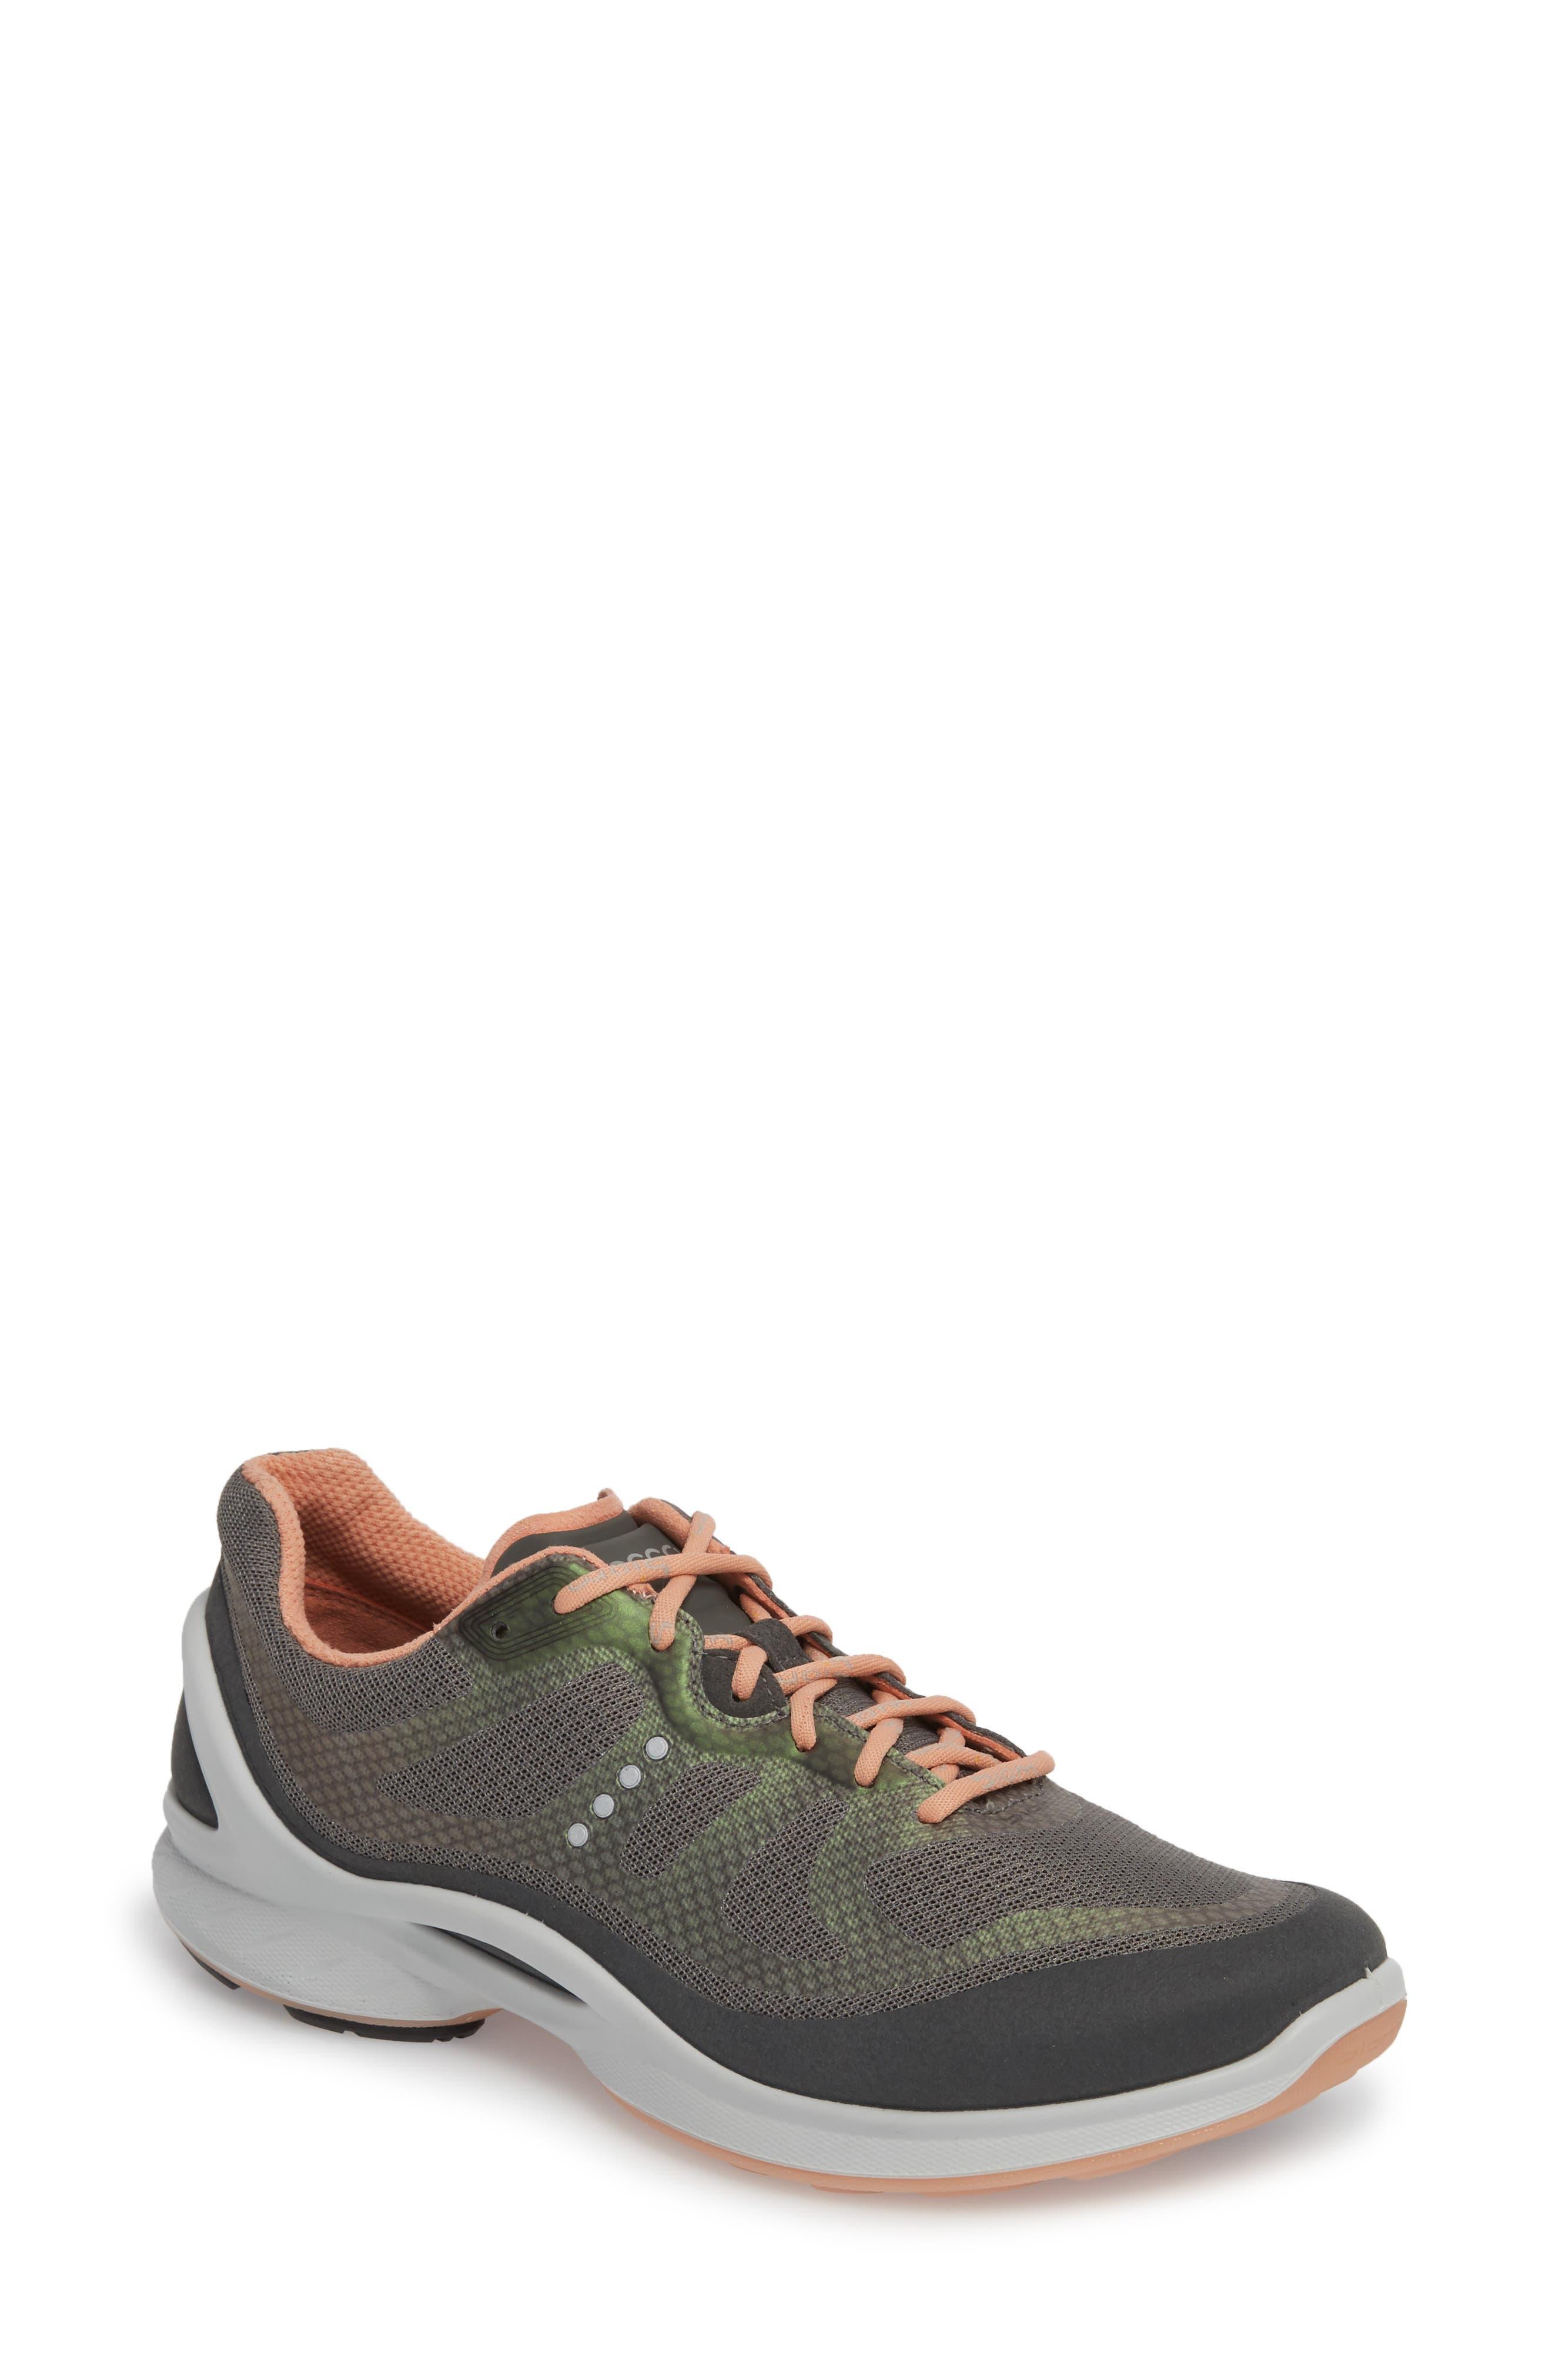 ee1747d88de Women s Sneakers Sale